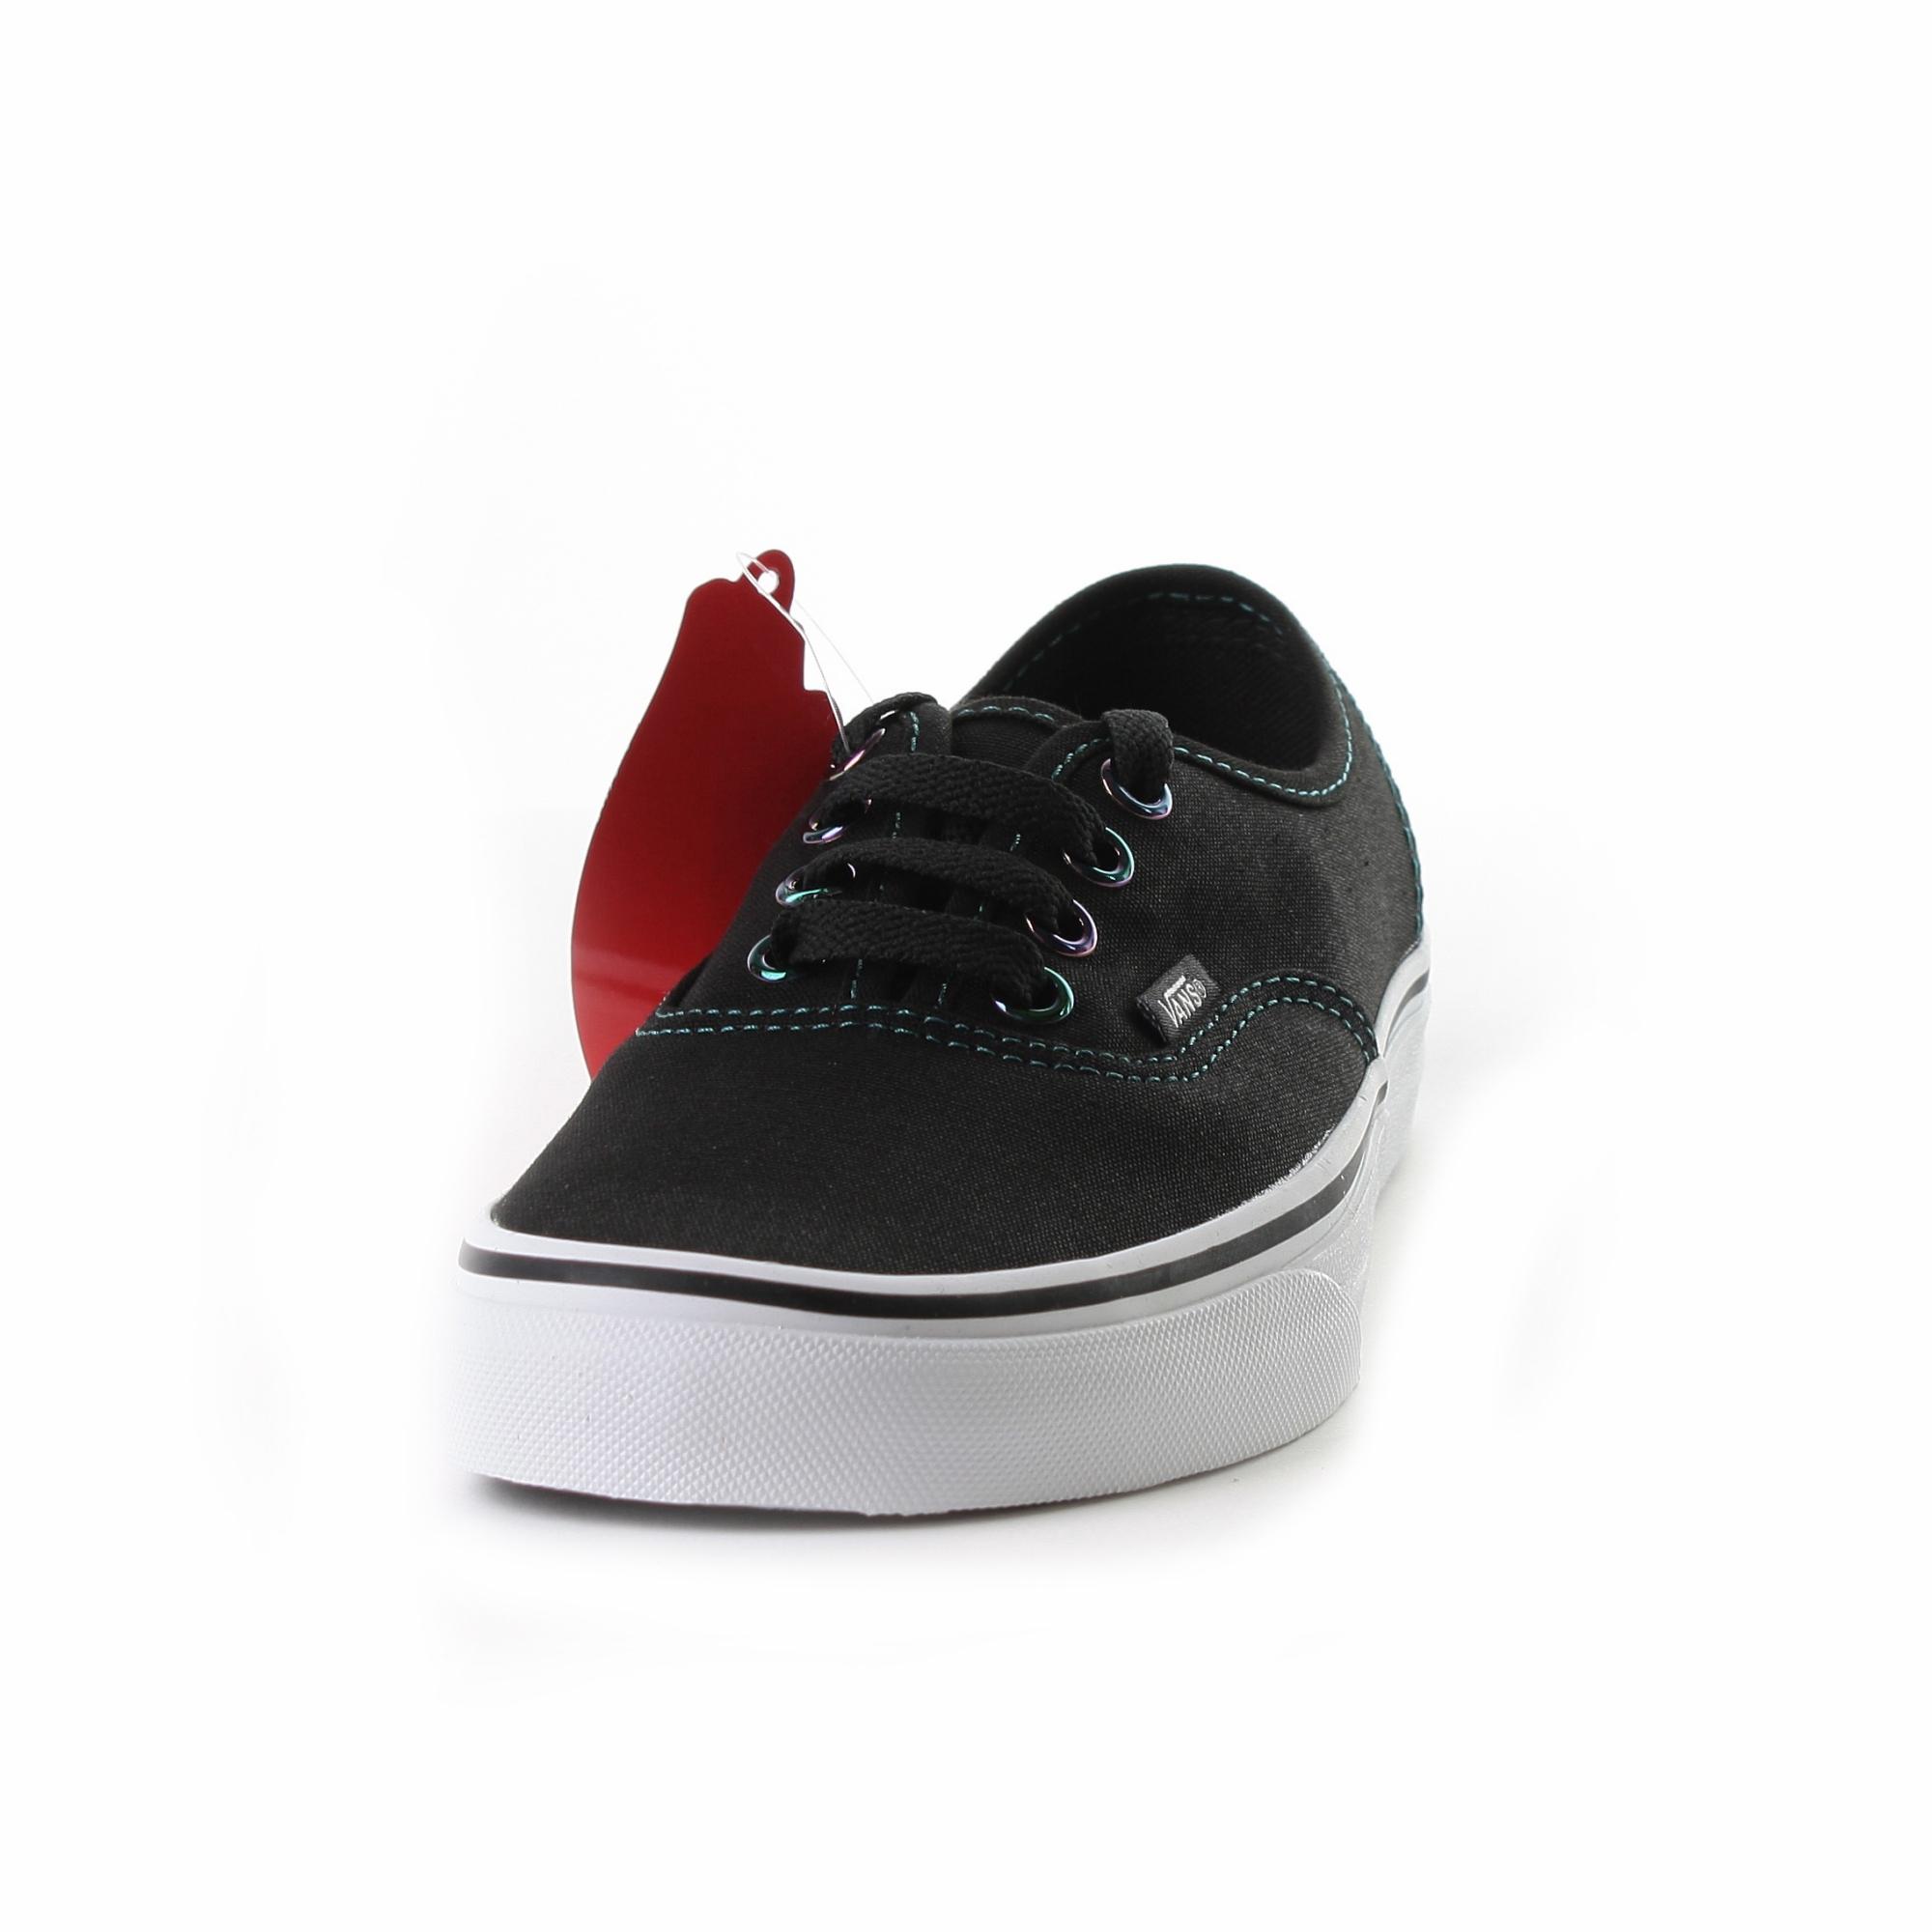 Vans - Authentic Nere Teen - annameglio.com shop online 17a36abc8bc